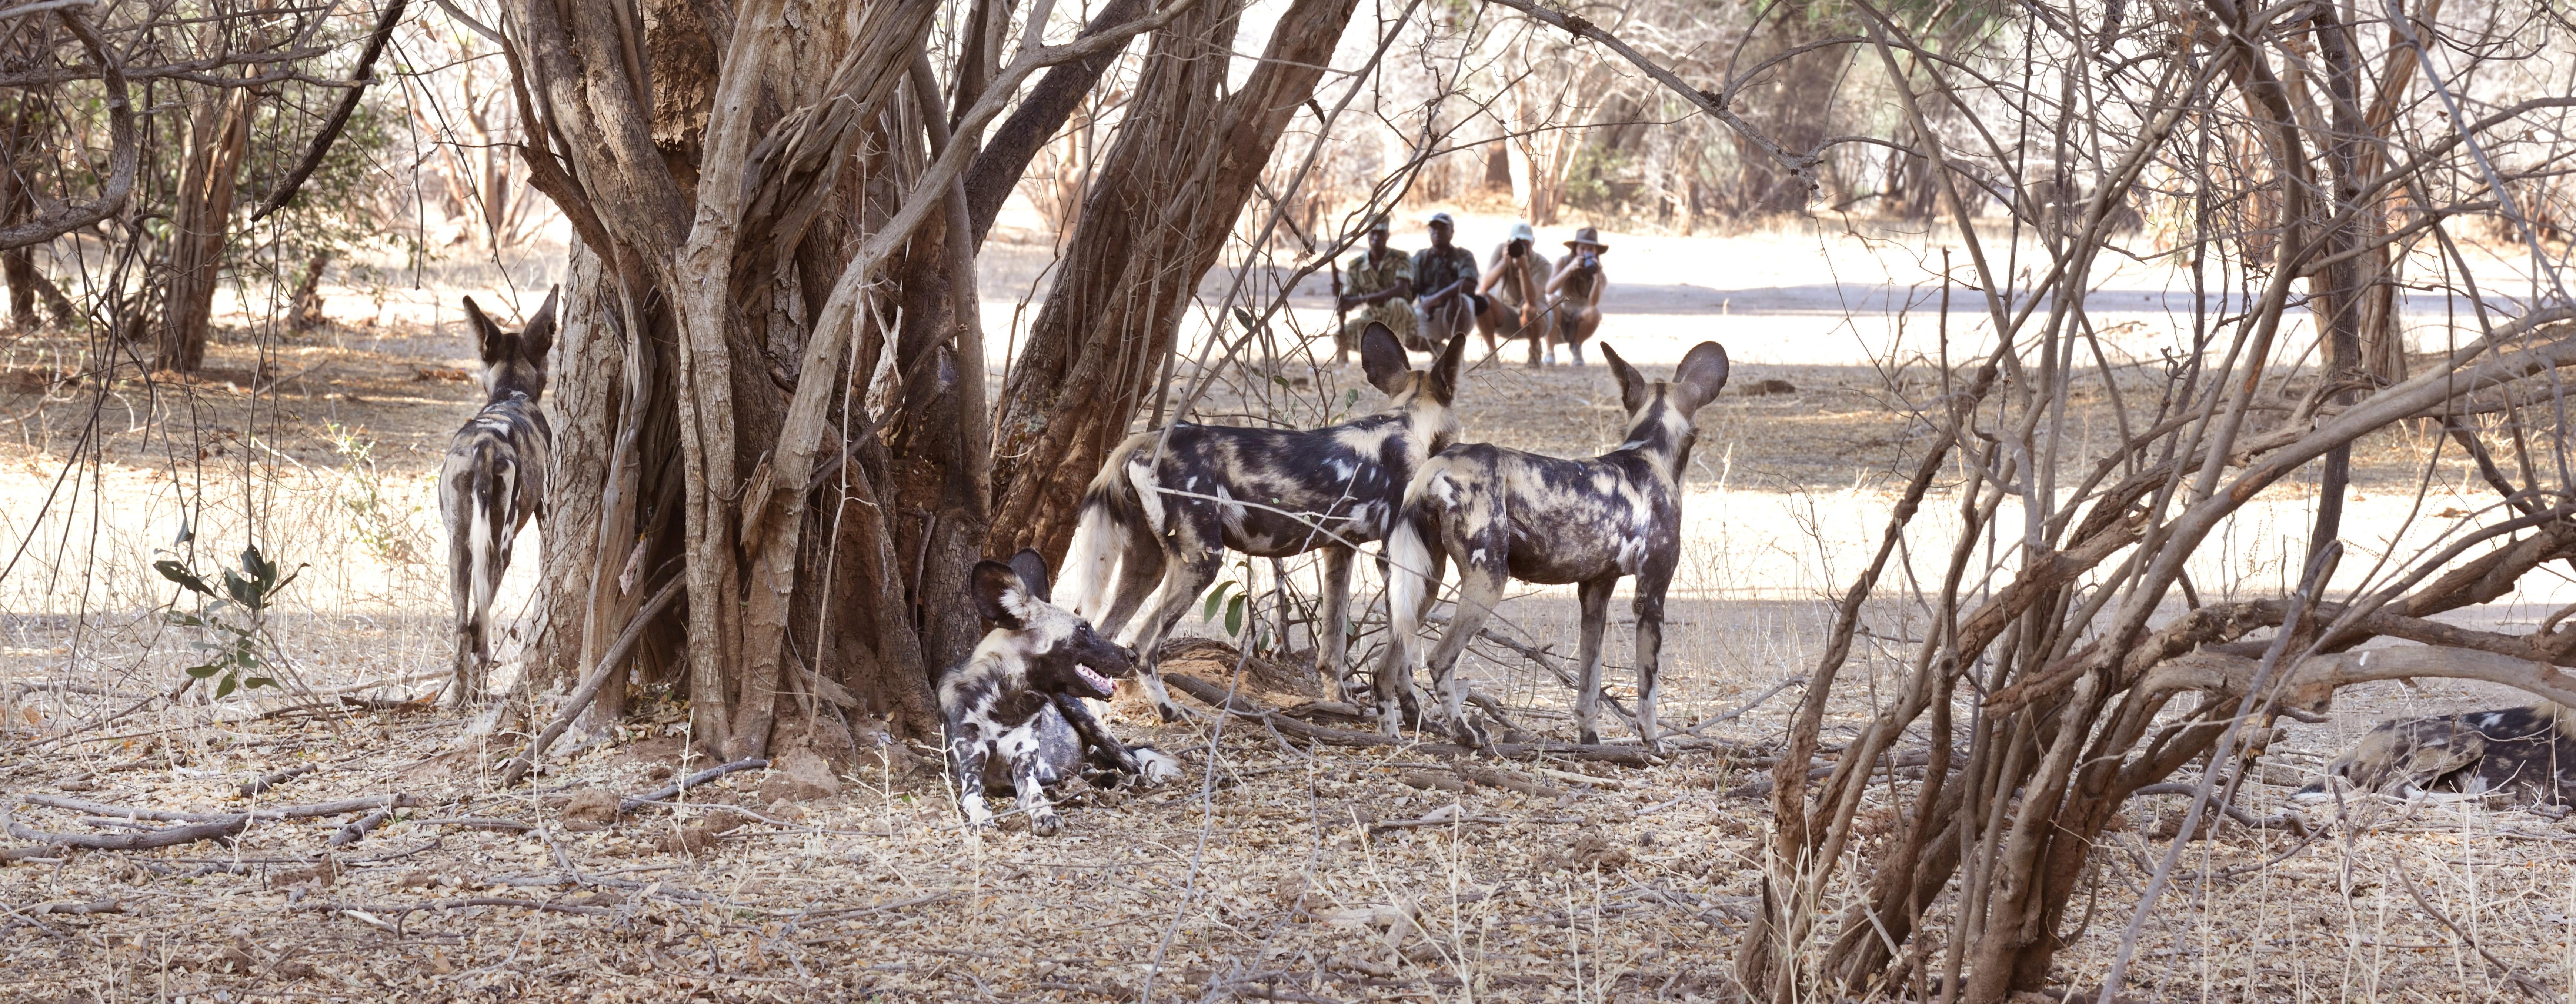 lower-zambezi-zambia-wild-dogs